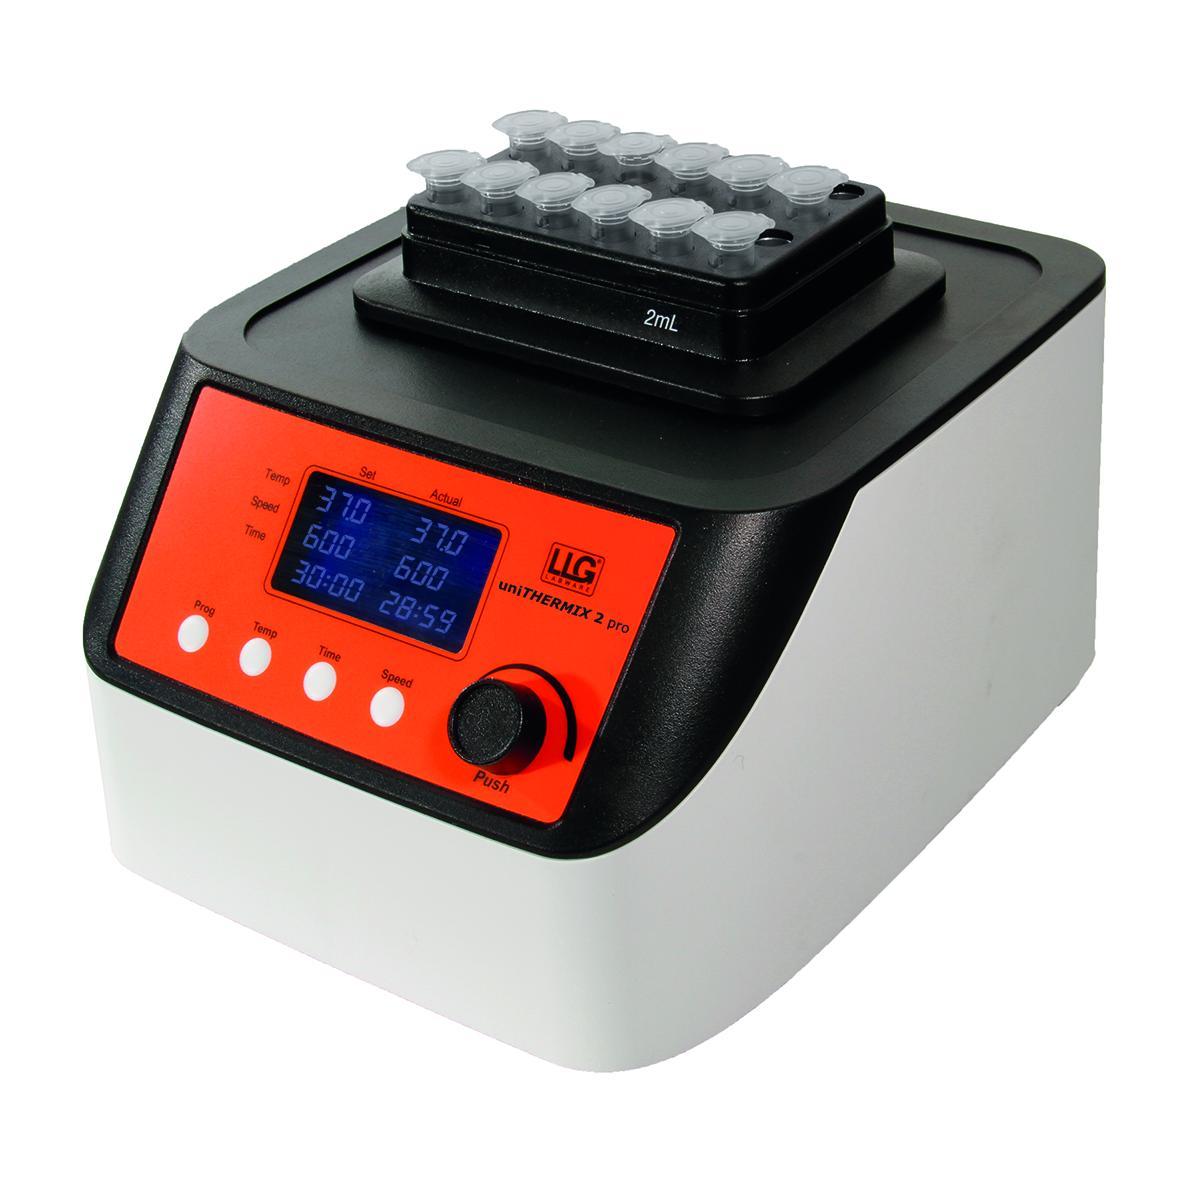 ThermoschudderuniTHERMIX 2 pro temp. bereik -15..100°C (41263484)